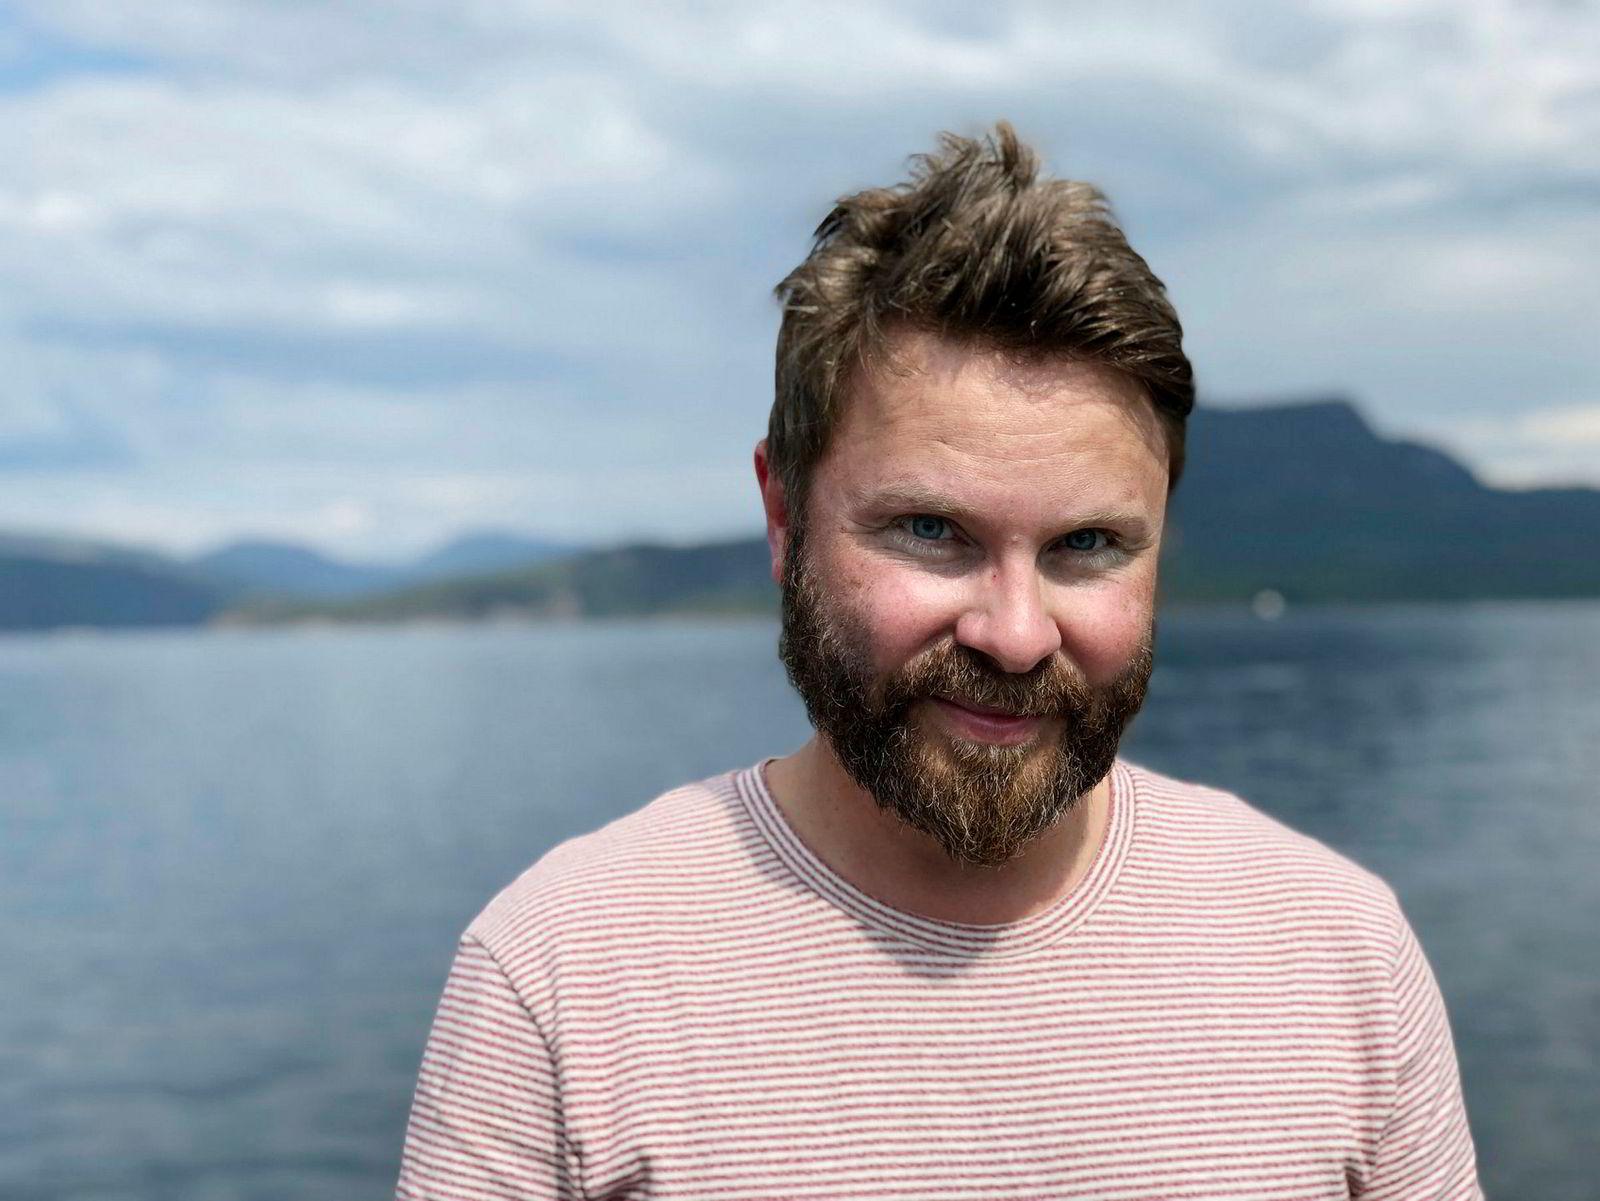 Kjell Skappel, administrerende direktør i TD Veen, et Stavanger-basert investeringsselskap eid av Skagenfondene-gründer Tor Dagfinn Veen og hans døtre. Selskapet har blant annet investert i Disruptive Technologies, Norselab og den største etterkommeren etter Tandberg, Pexip, der Skappel er styreleder. Han er også leder for Stavanger Venture, der TD Veen eier aksjemajoriteten.